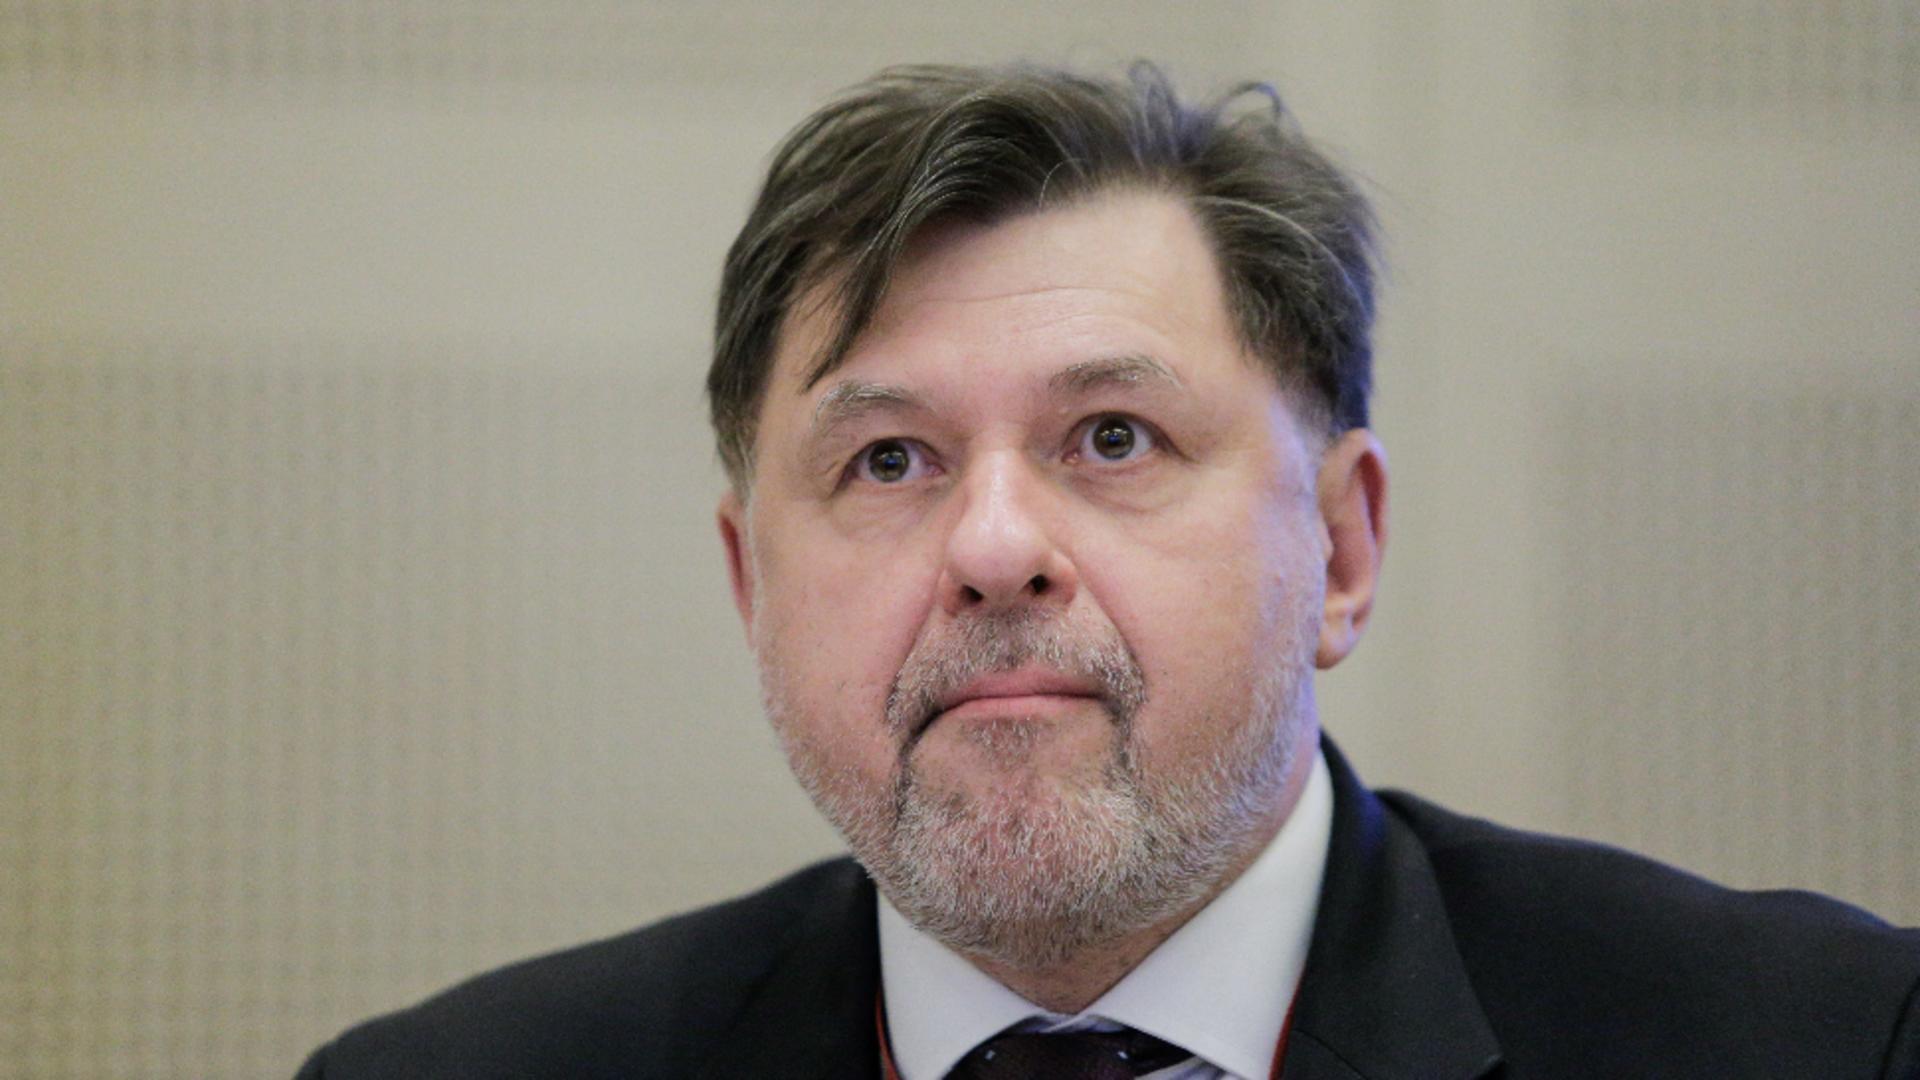 Alexandru Rafila/sursa foto: George Calin, INQUAM